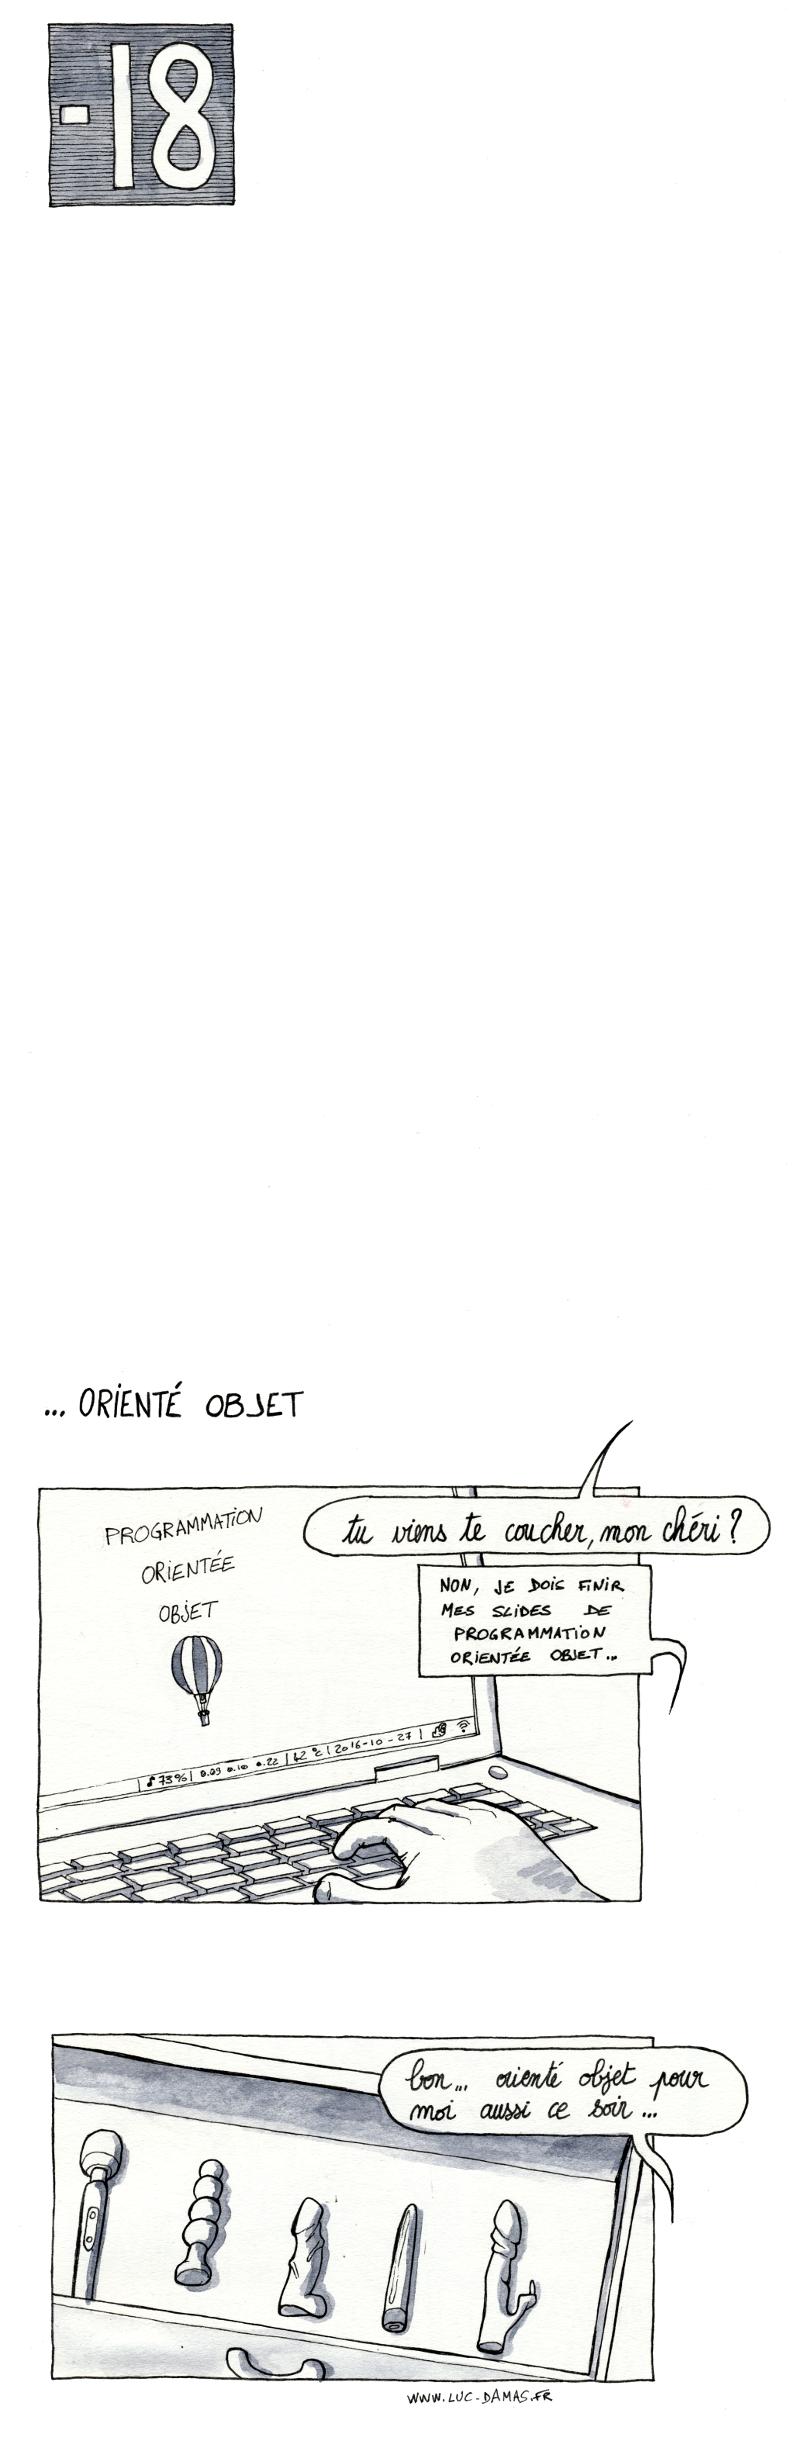 oriente_objet